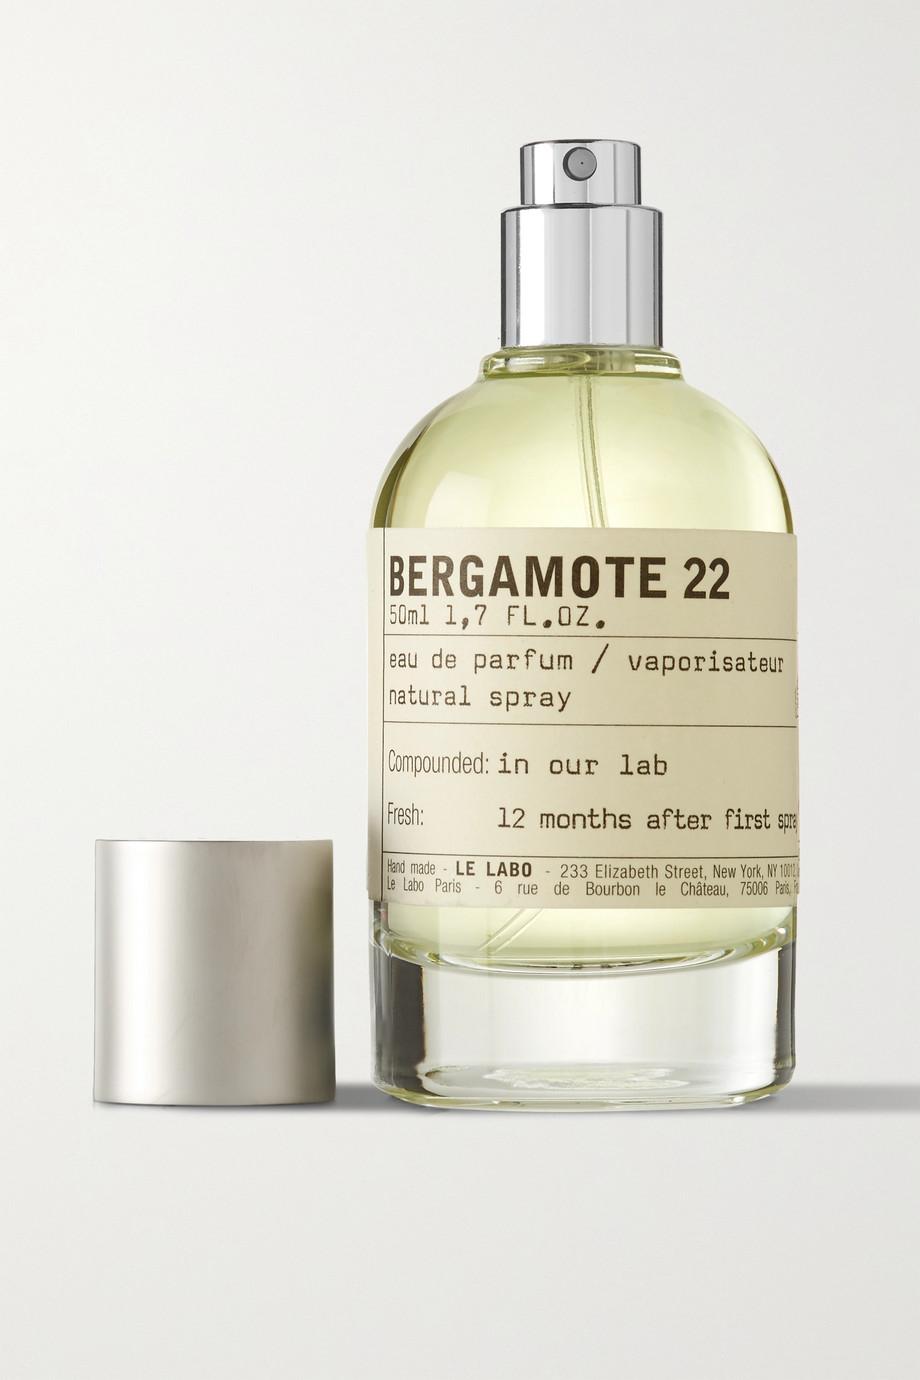 Le Labo Eau de Parfum - Bergamote 22, 50ml